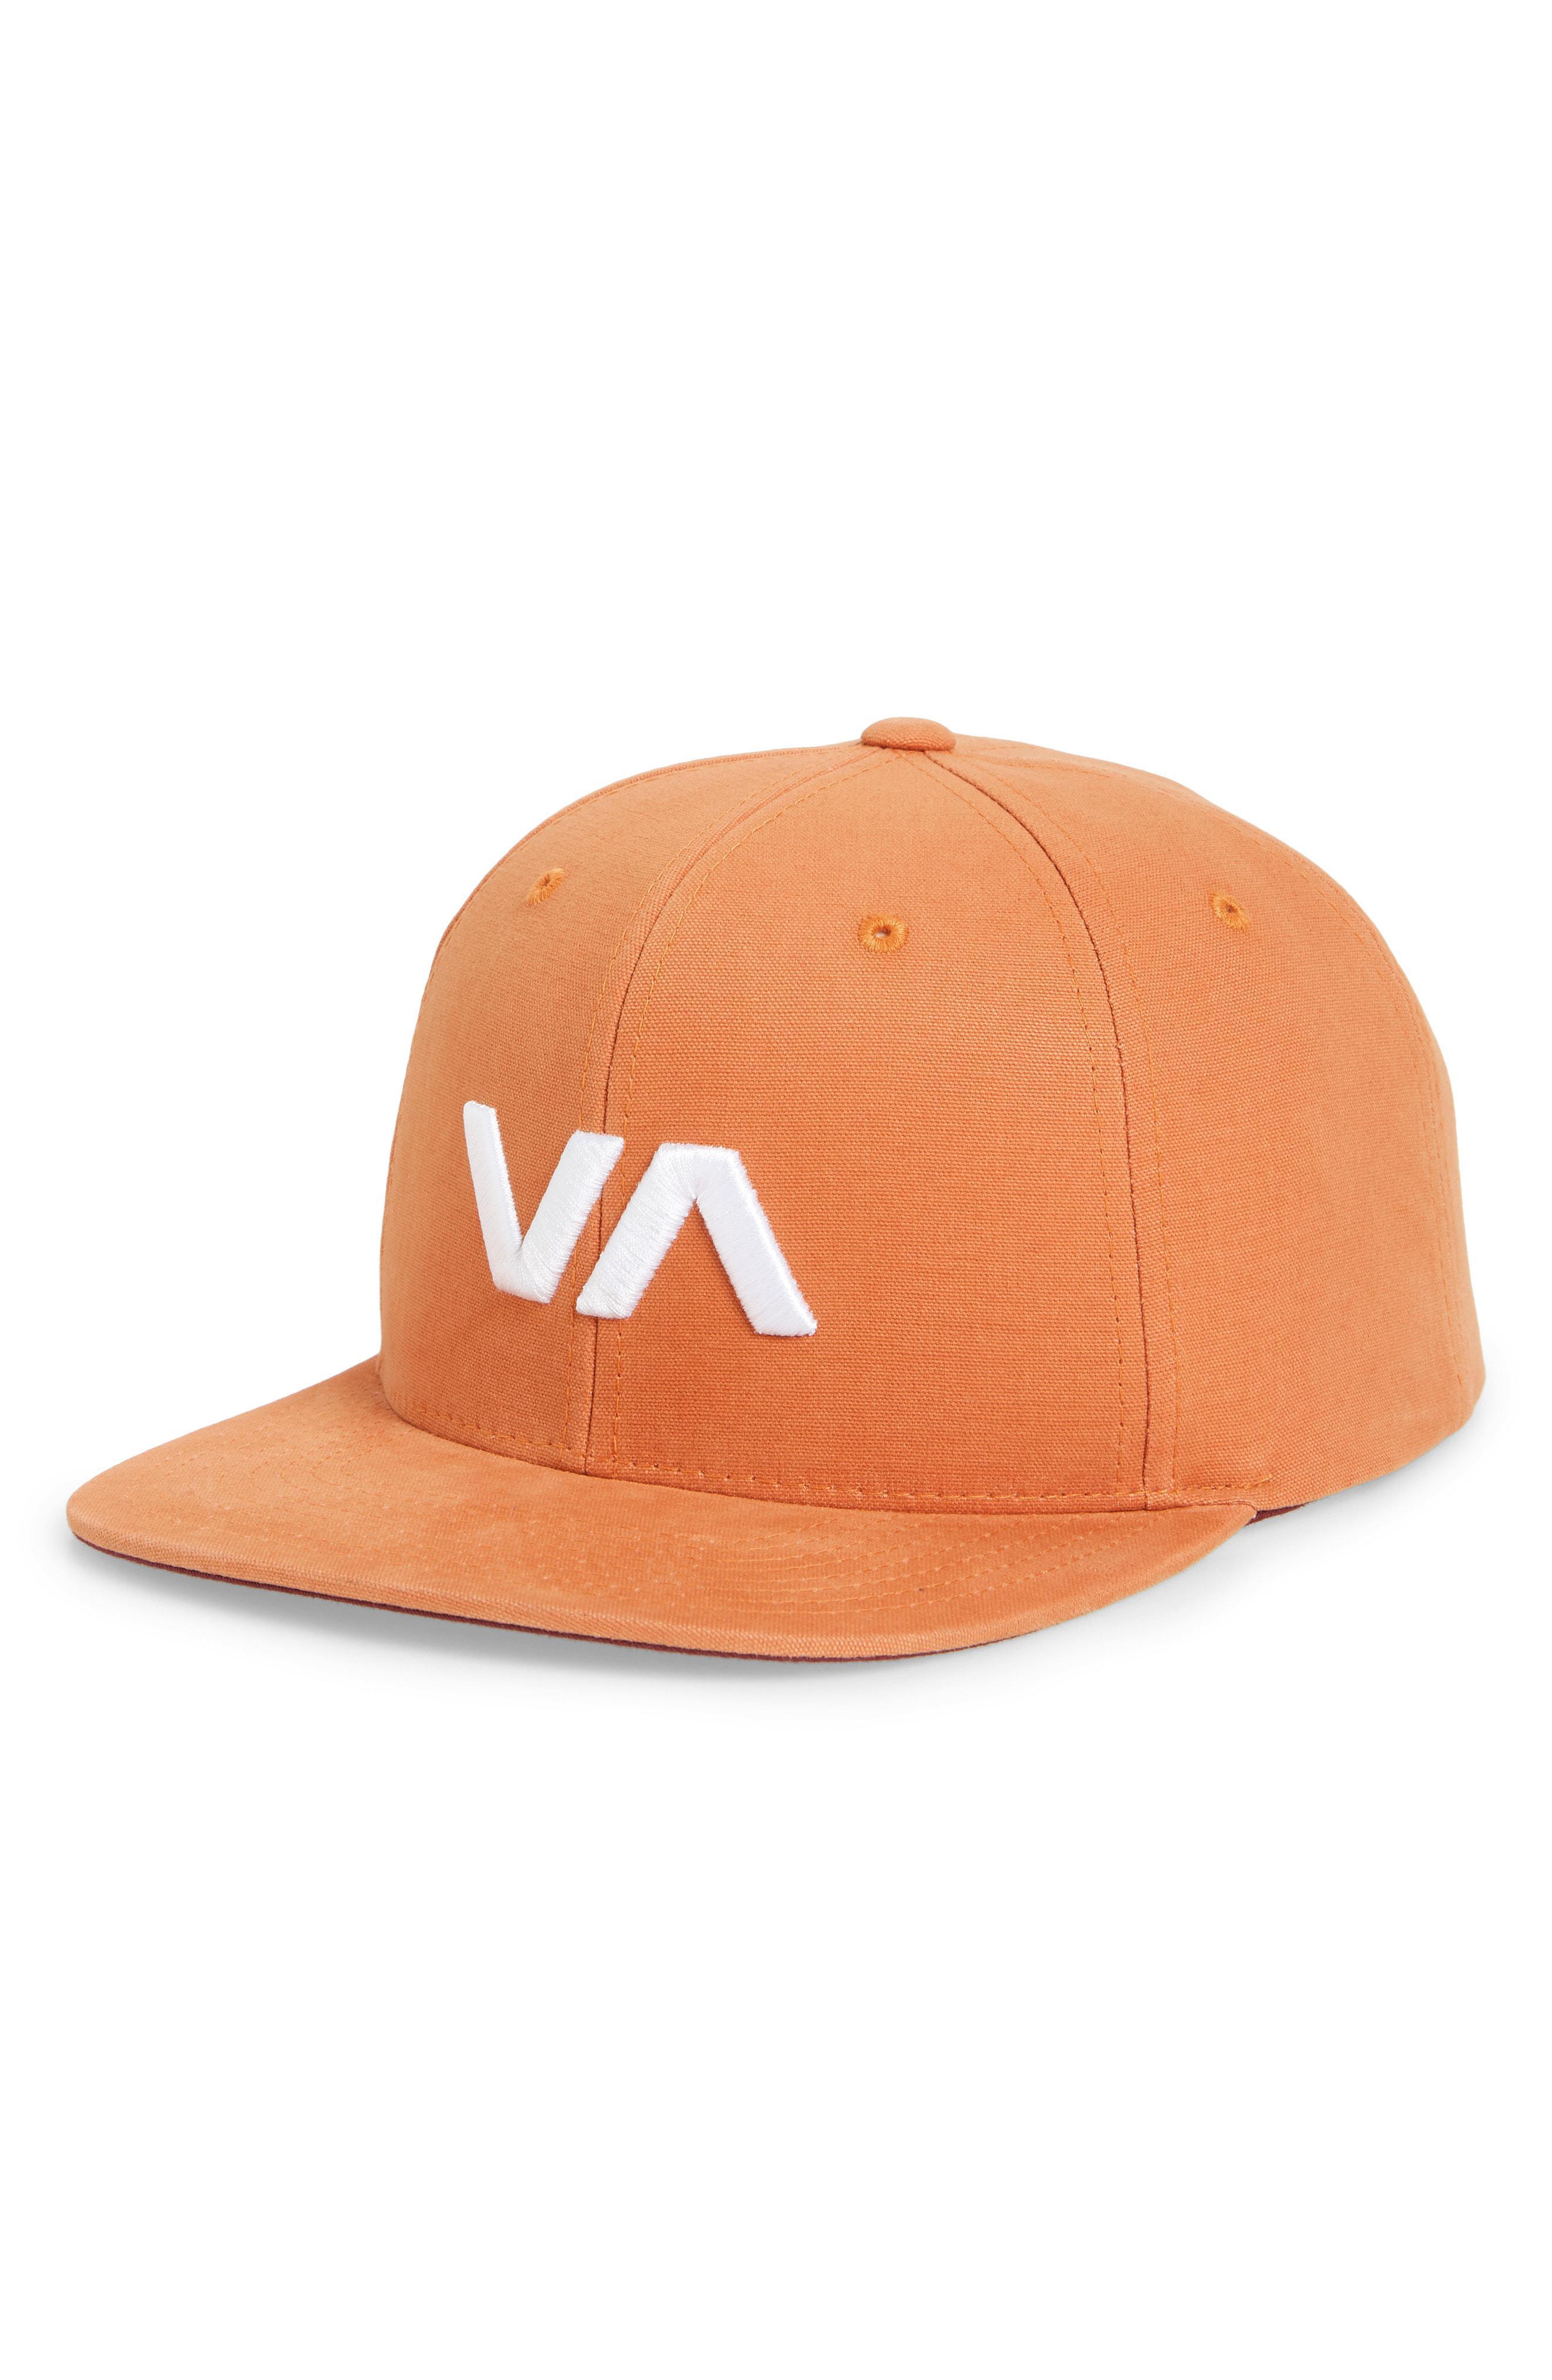 usa lyst rvca va snapback ii snapback hat in red for men 34f1f ce050 b9a4f4f515b